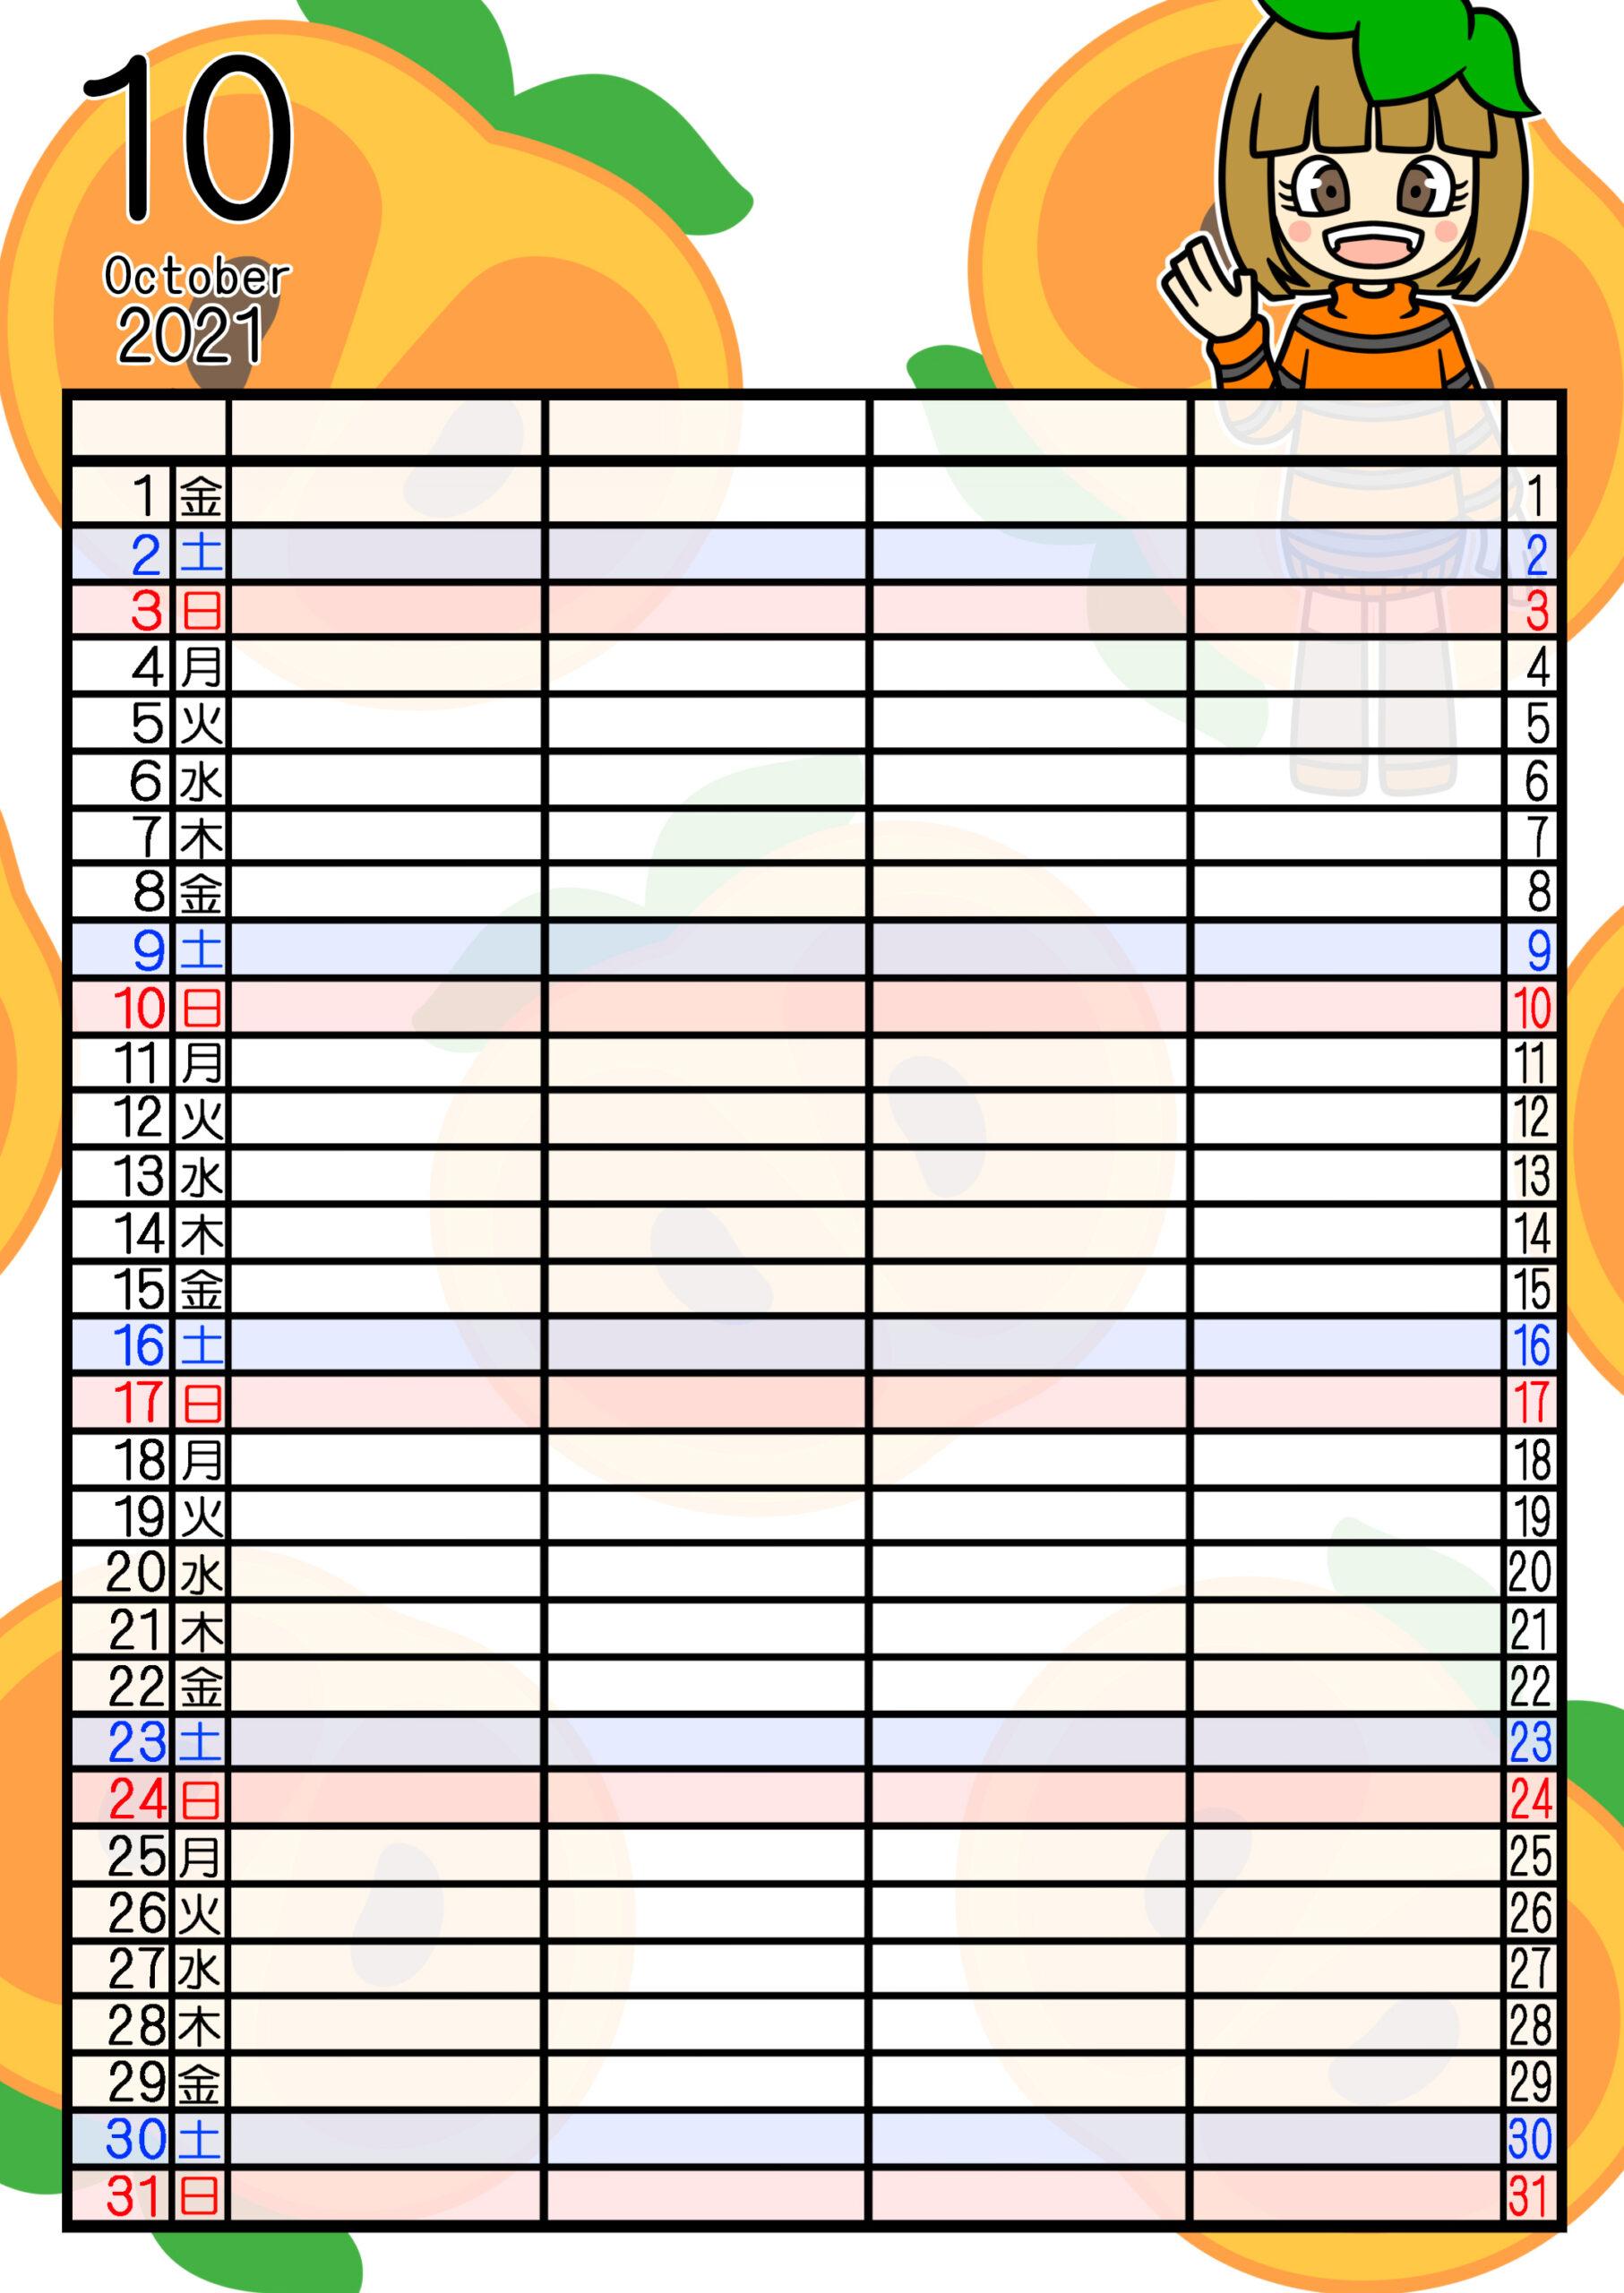 2021年家族カレンダー 無料ダウンロード 果物 フルーツ 女の子 4人用 令和3年10月柿